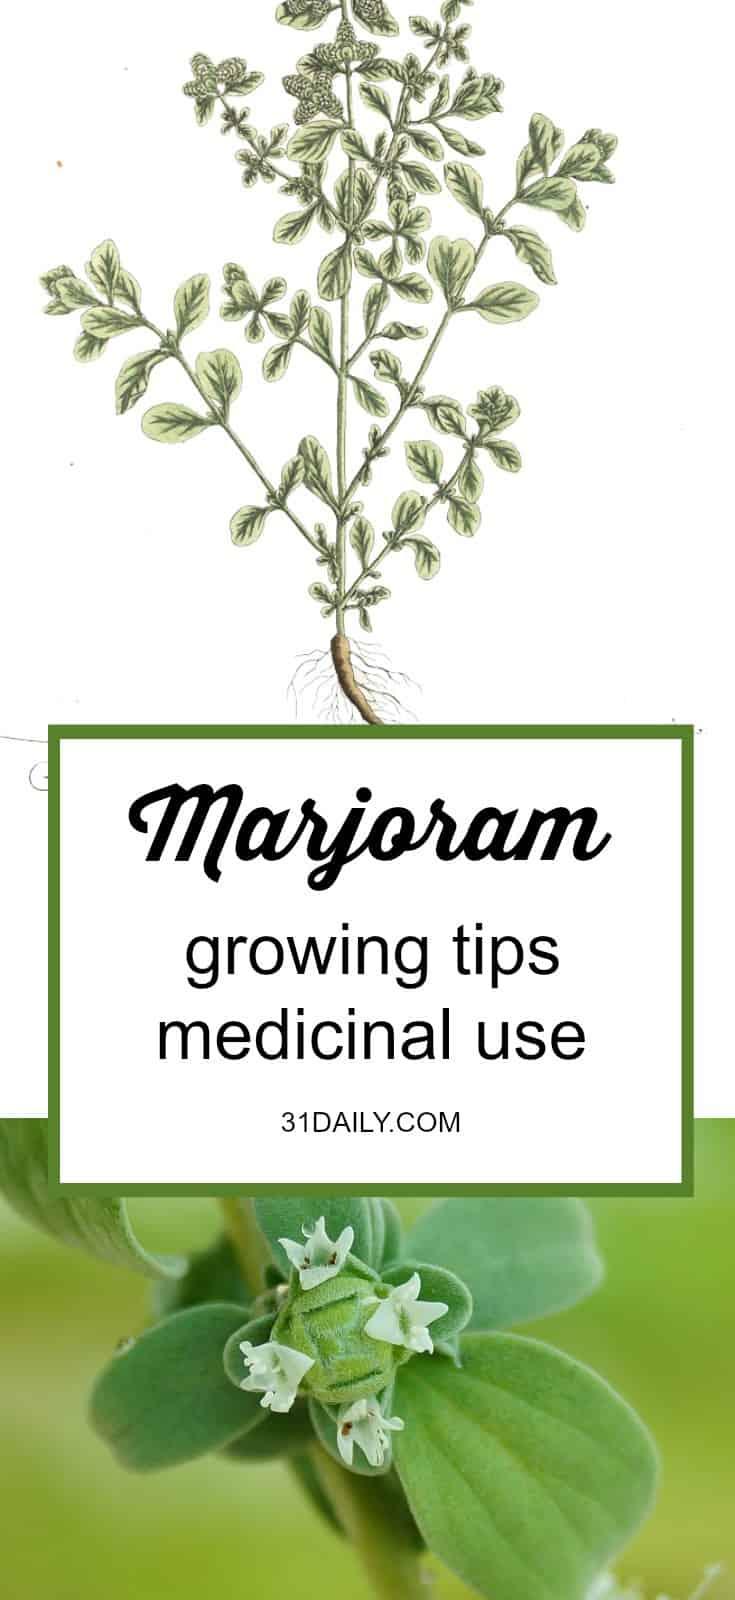 Medicinal Herb: Marjoram | 31Daily.com